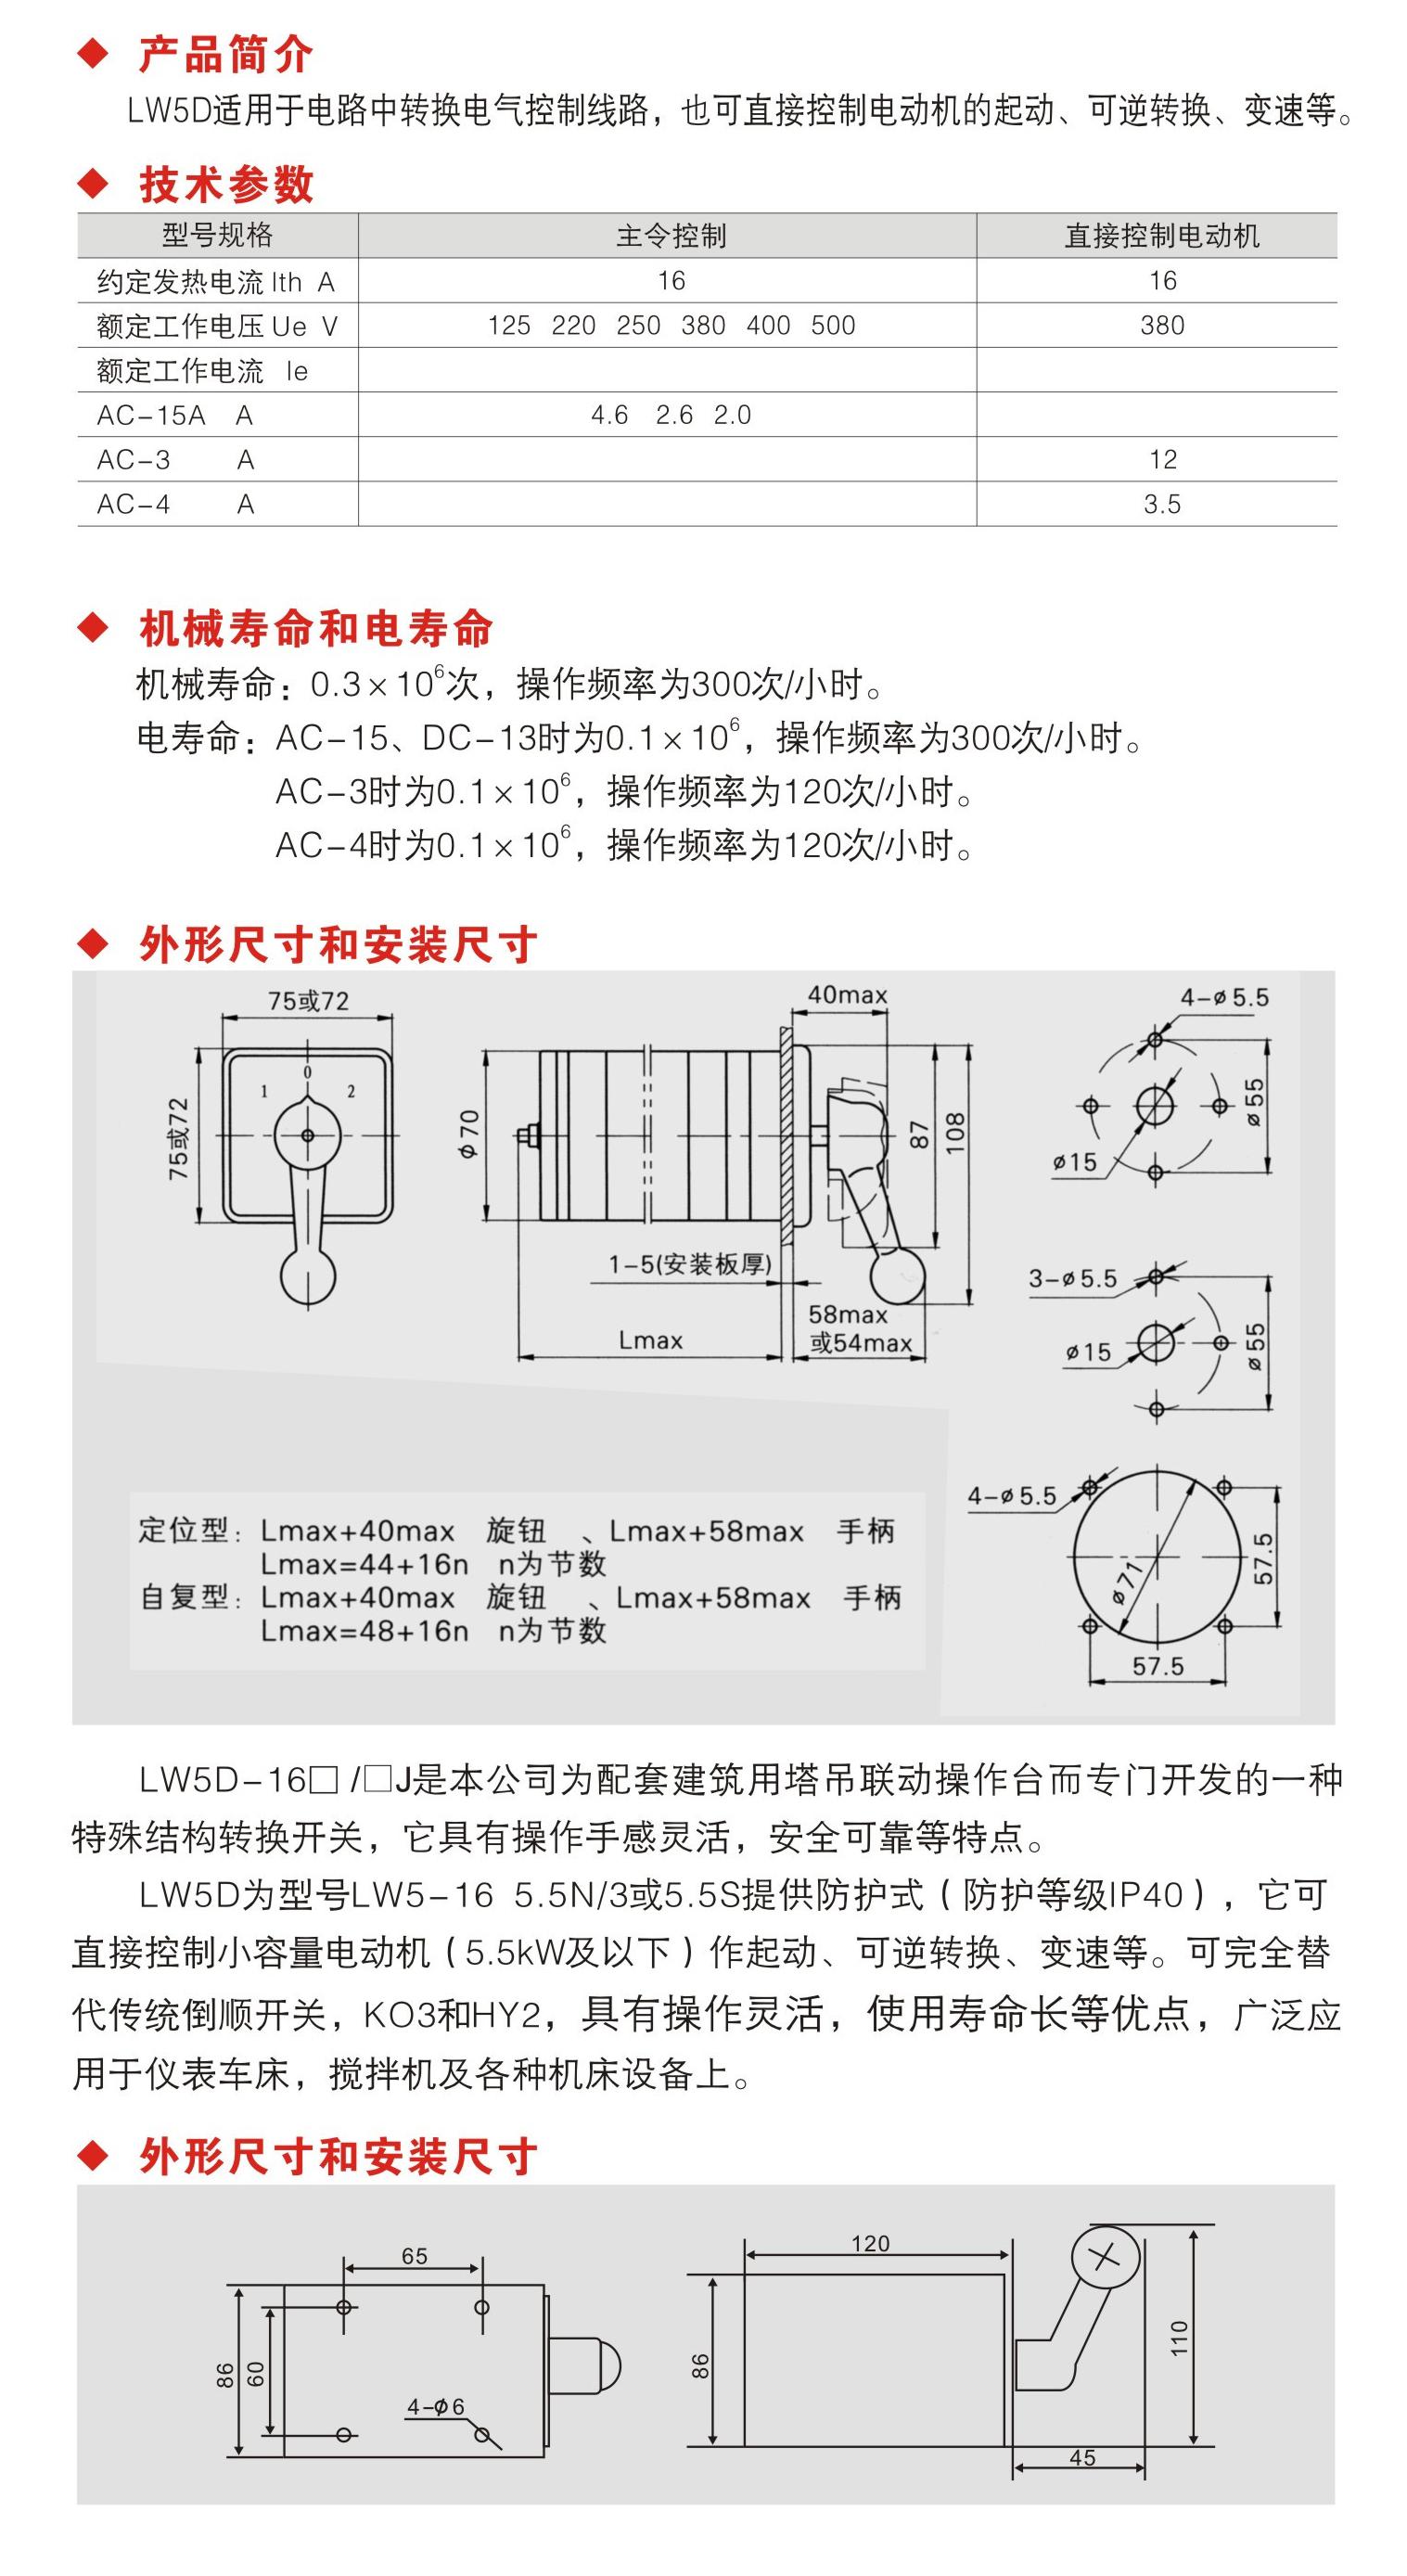 LW5D-16 5.5N/3